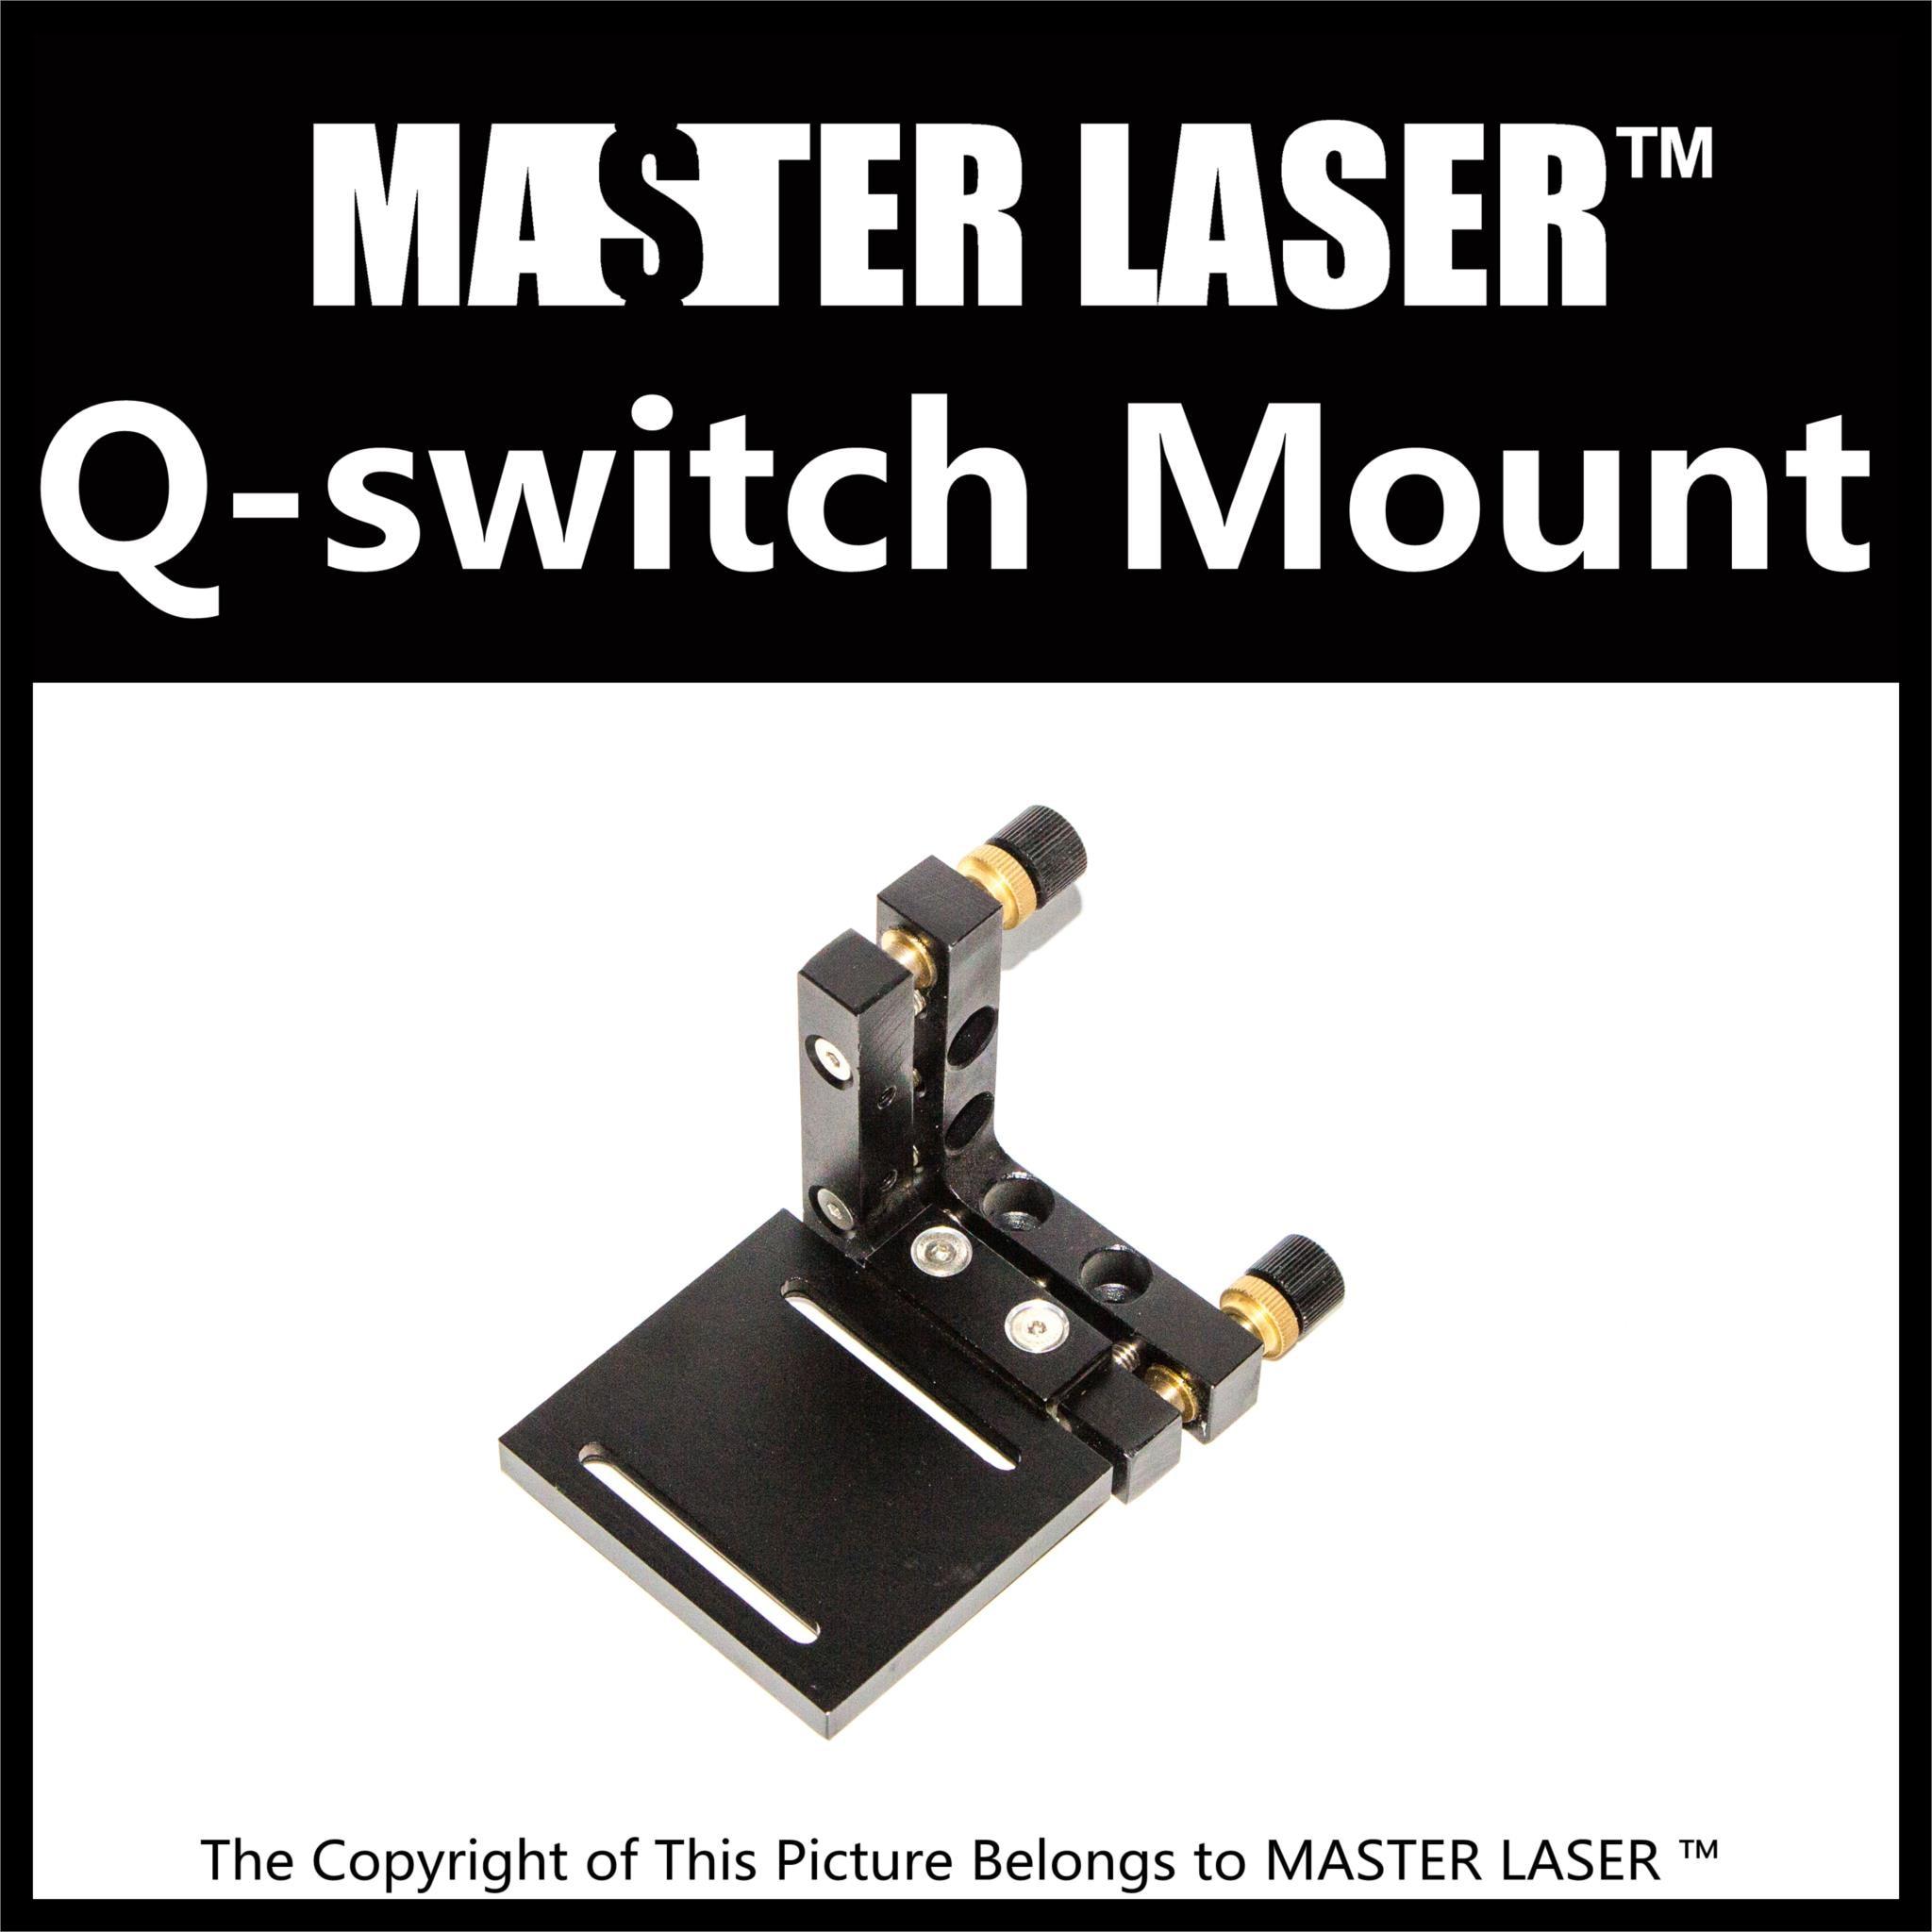 Al Mirror Muont of Fiber Laser Machine Parts for Laser Mark Machine Q-switch Mirror Mount economic al case of 1064nm fiber laser machine parts for laser machine beam combiner mirror mount light path system